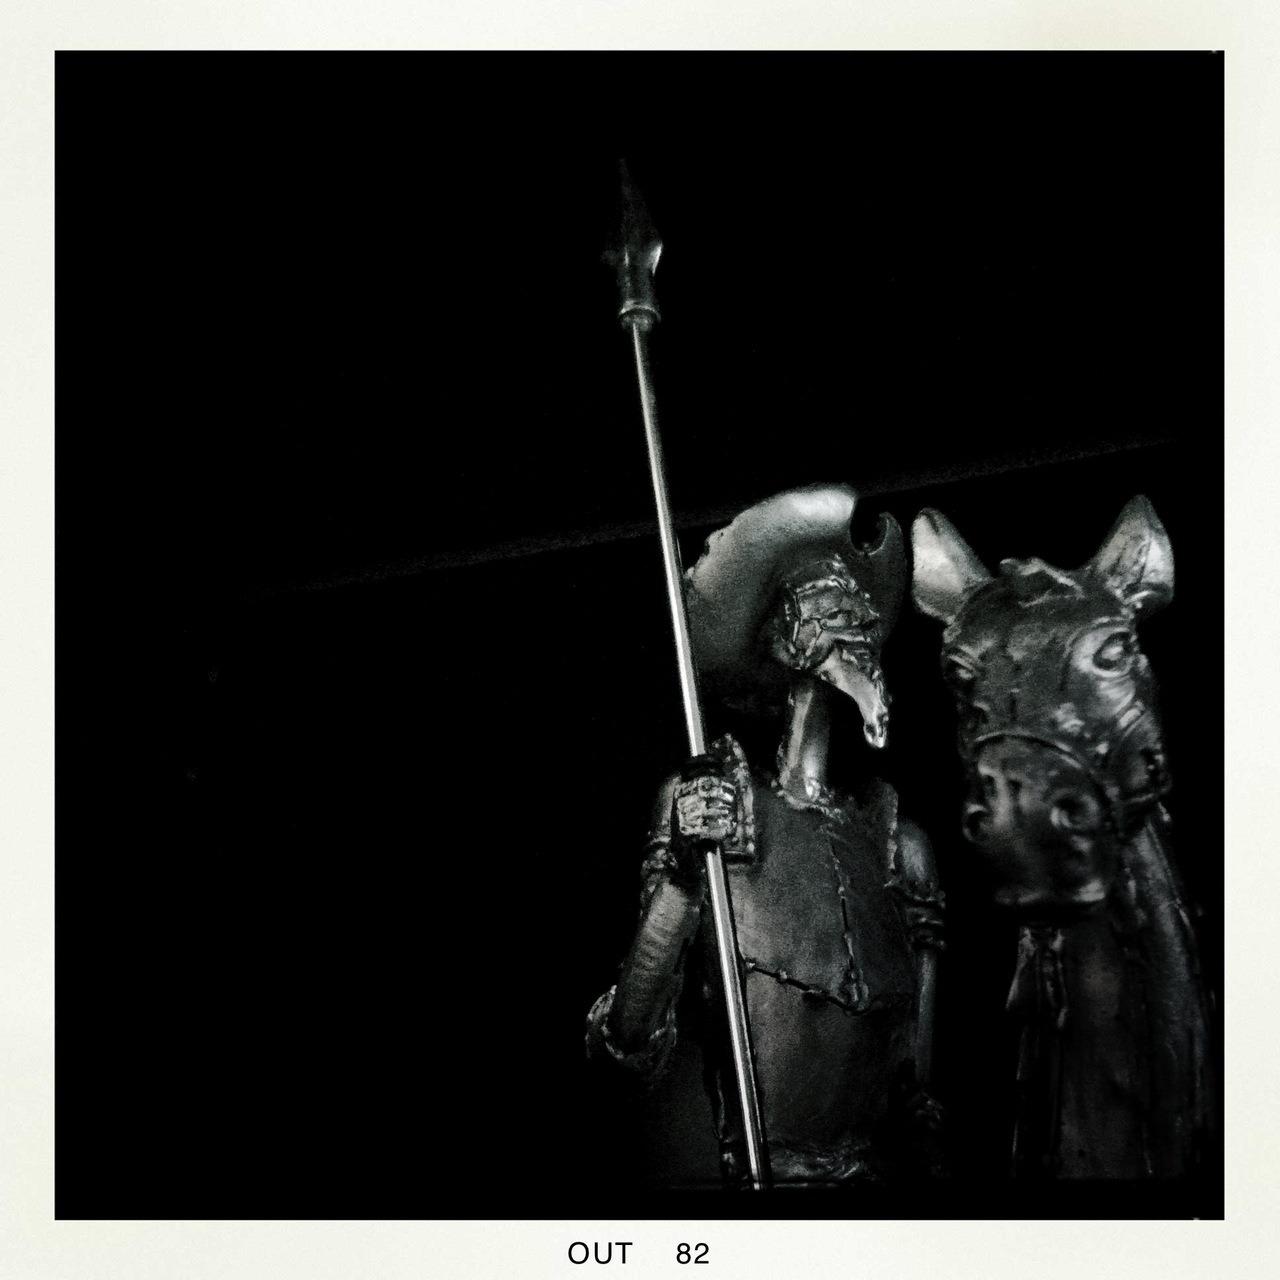 D. Quixote. El caballero de la triste figura. Le gusto.